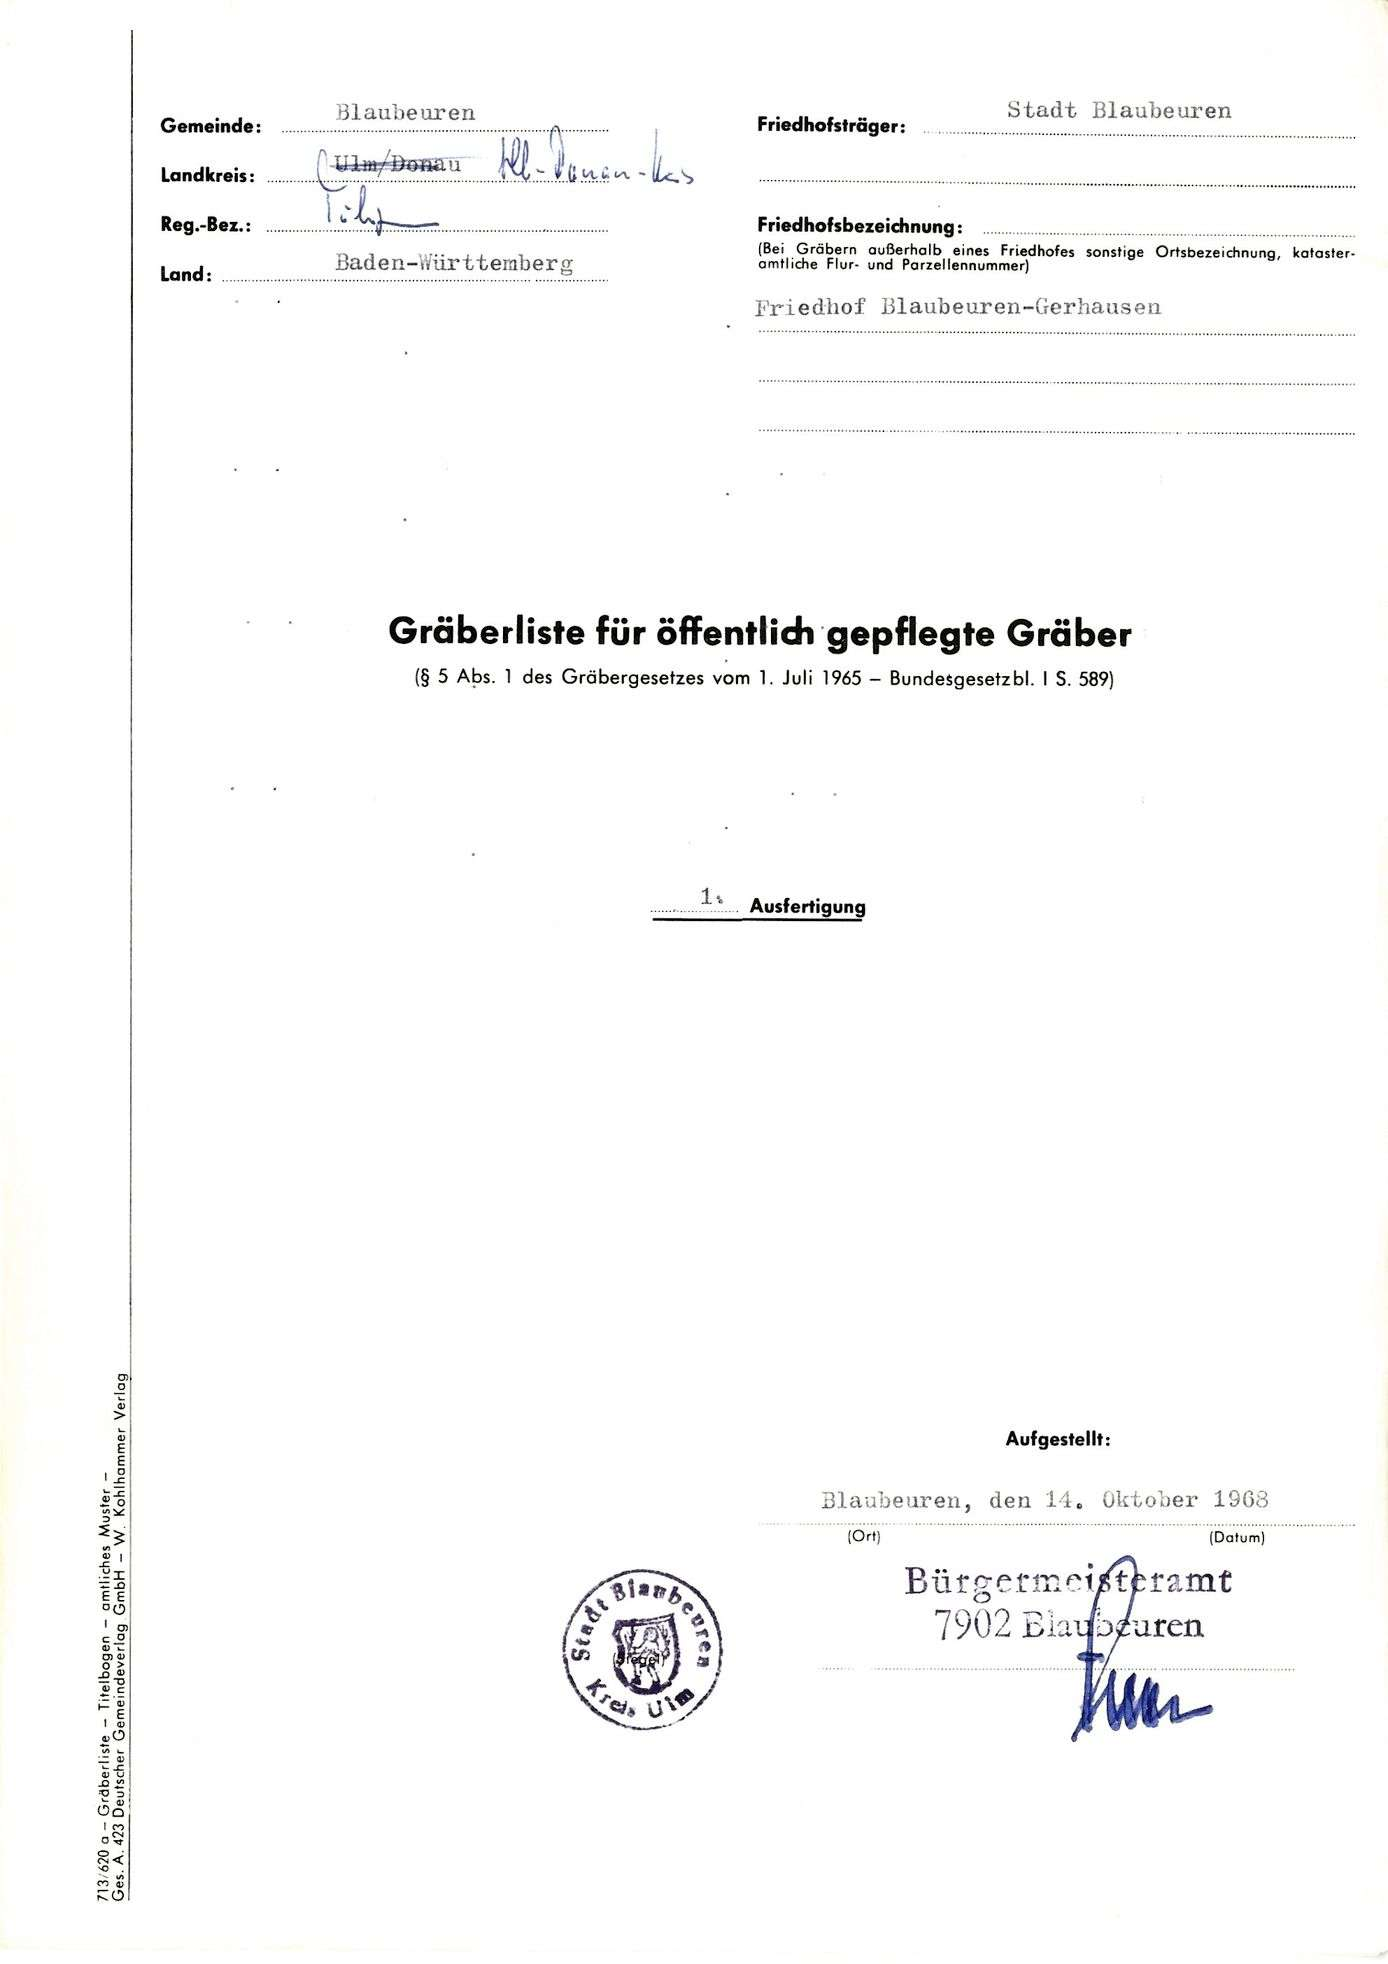 Blaubeuren-Gerhausen, Bild 1